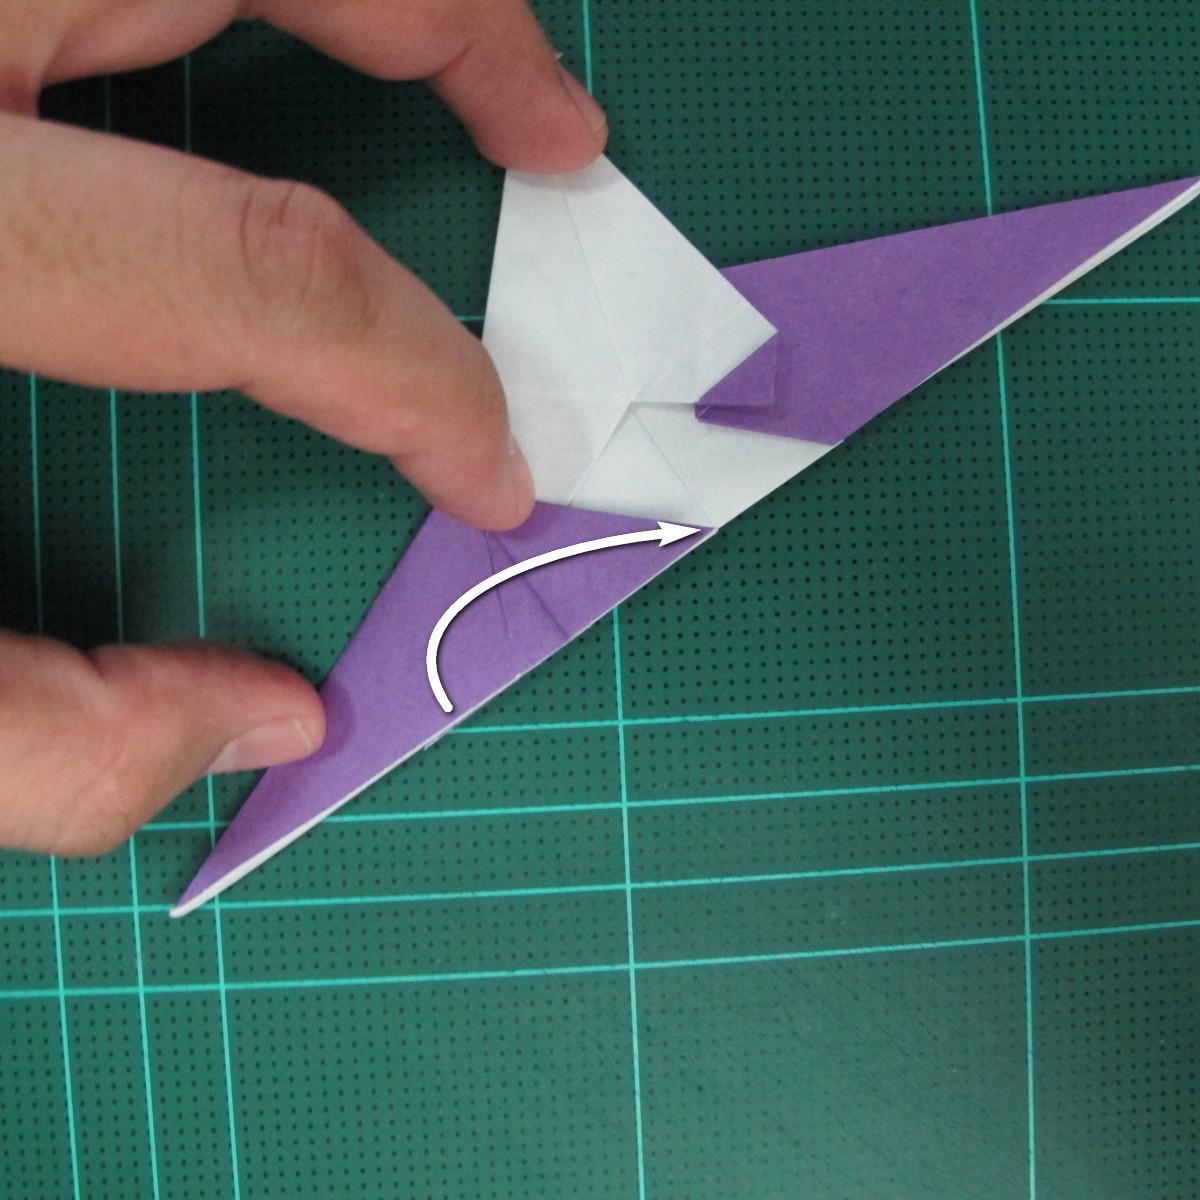 วิธีพับกระดาษเป็นรูปนกอินทรี (Origami Eagle) 020